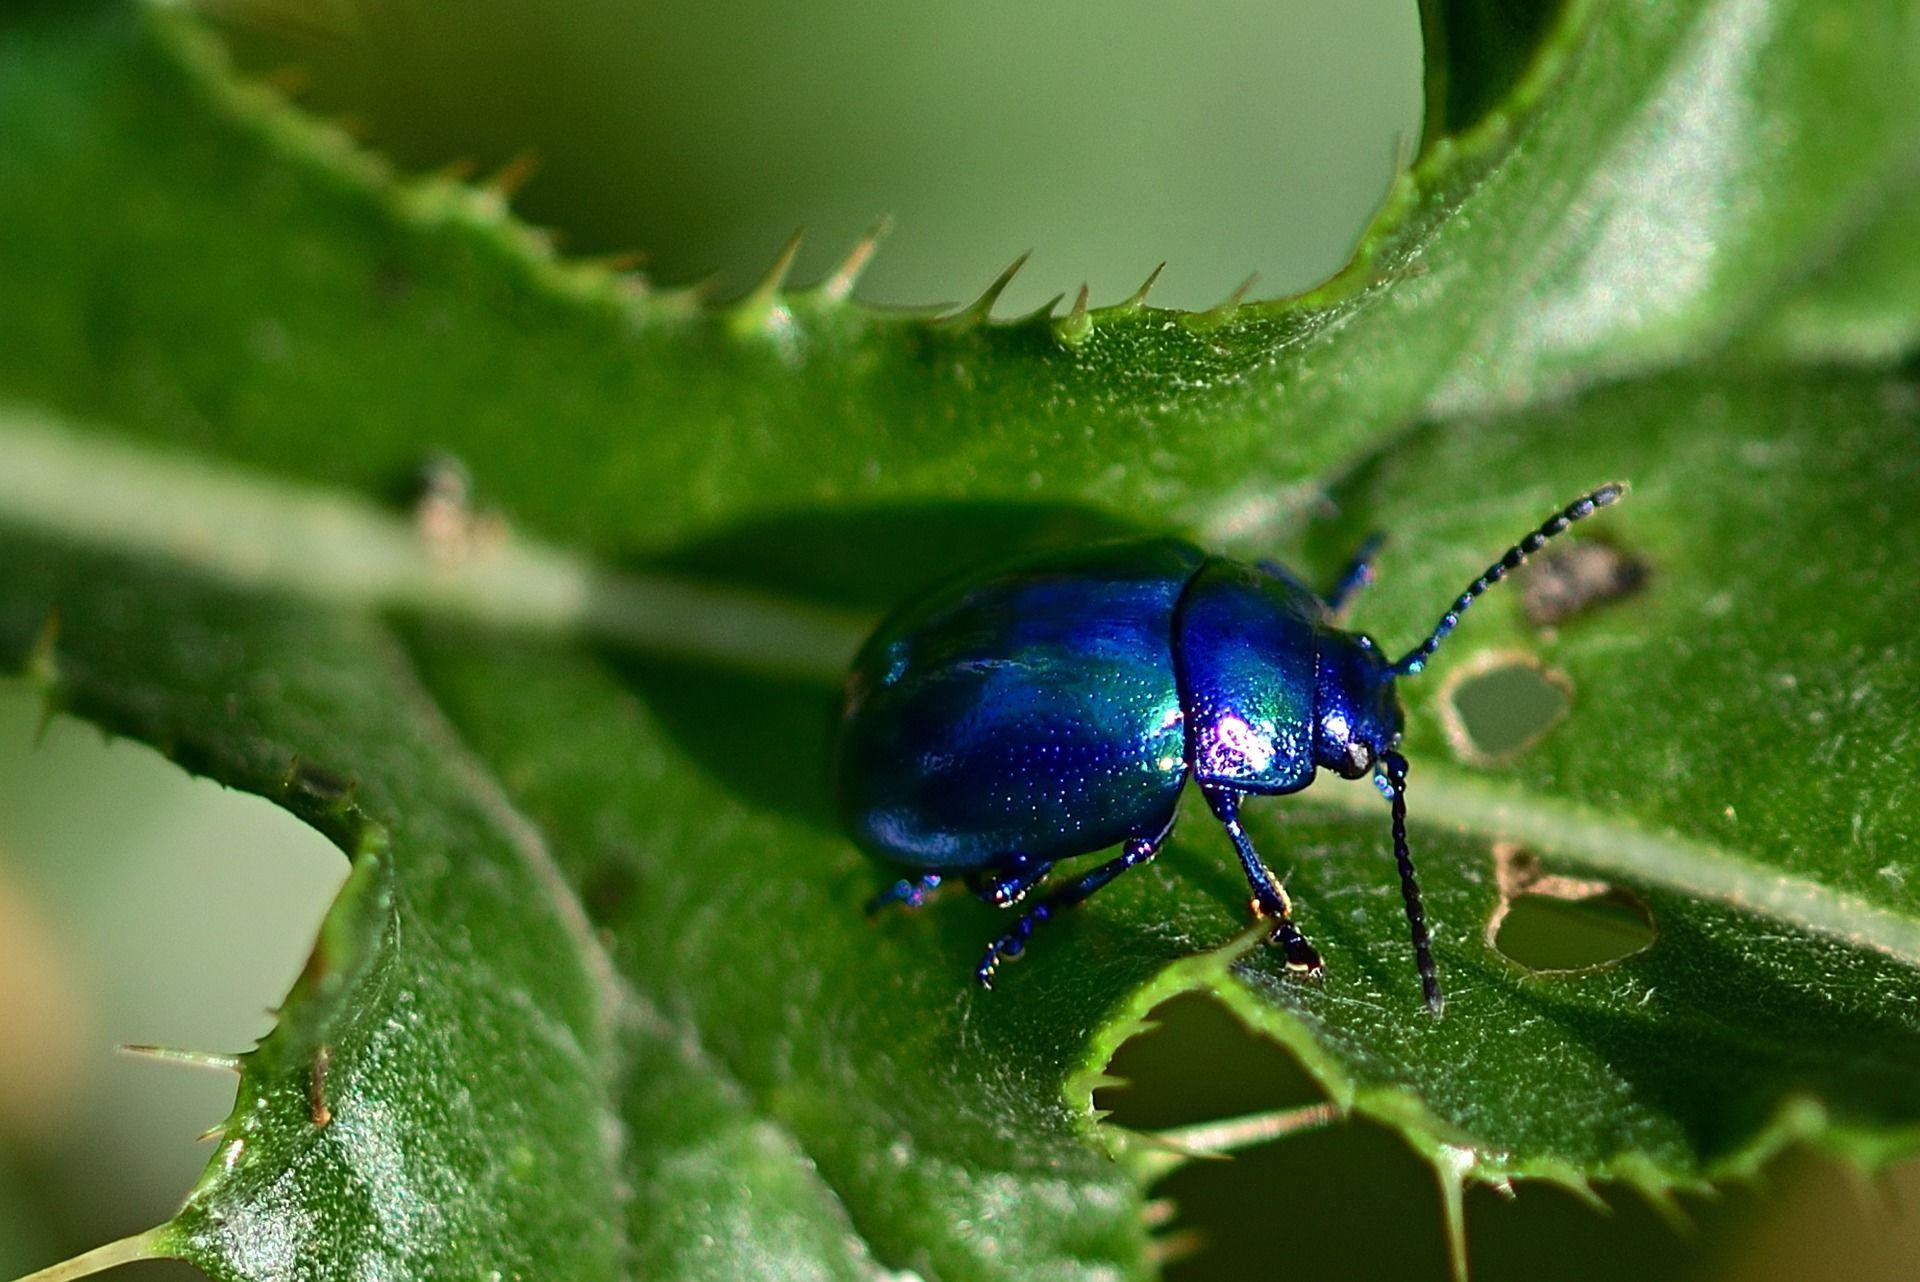 Смотреть лучшую картинку большого жука